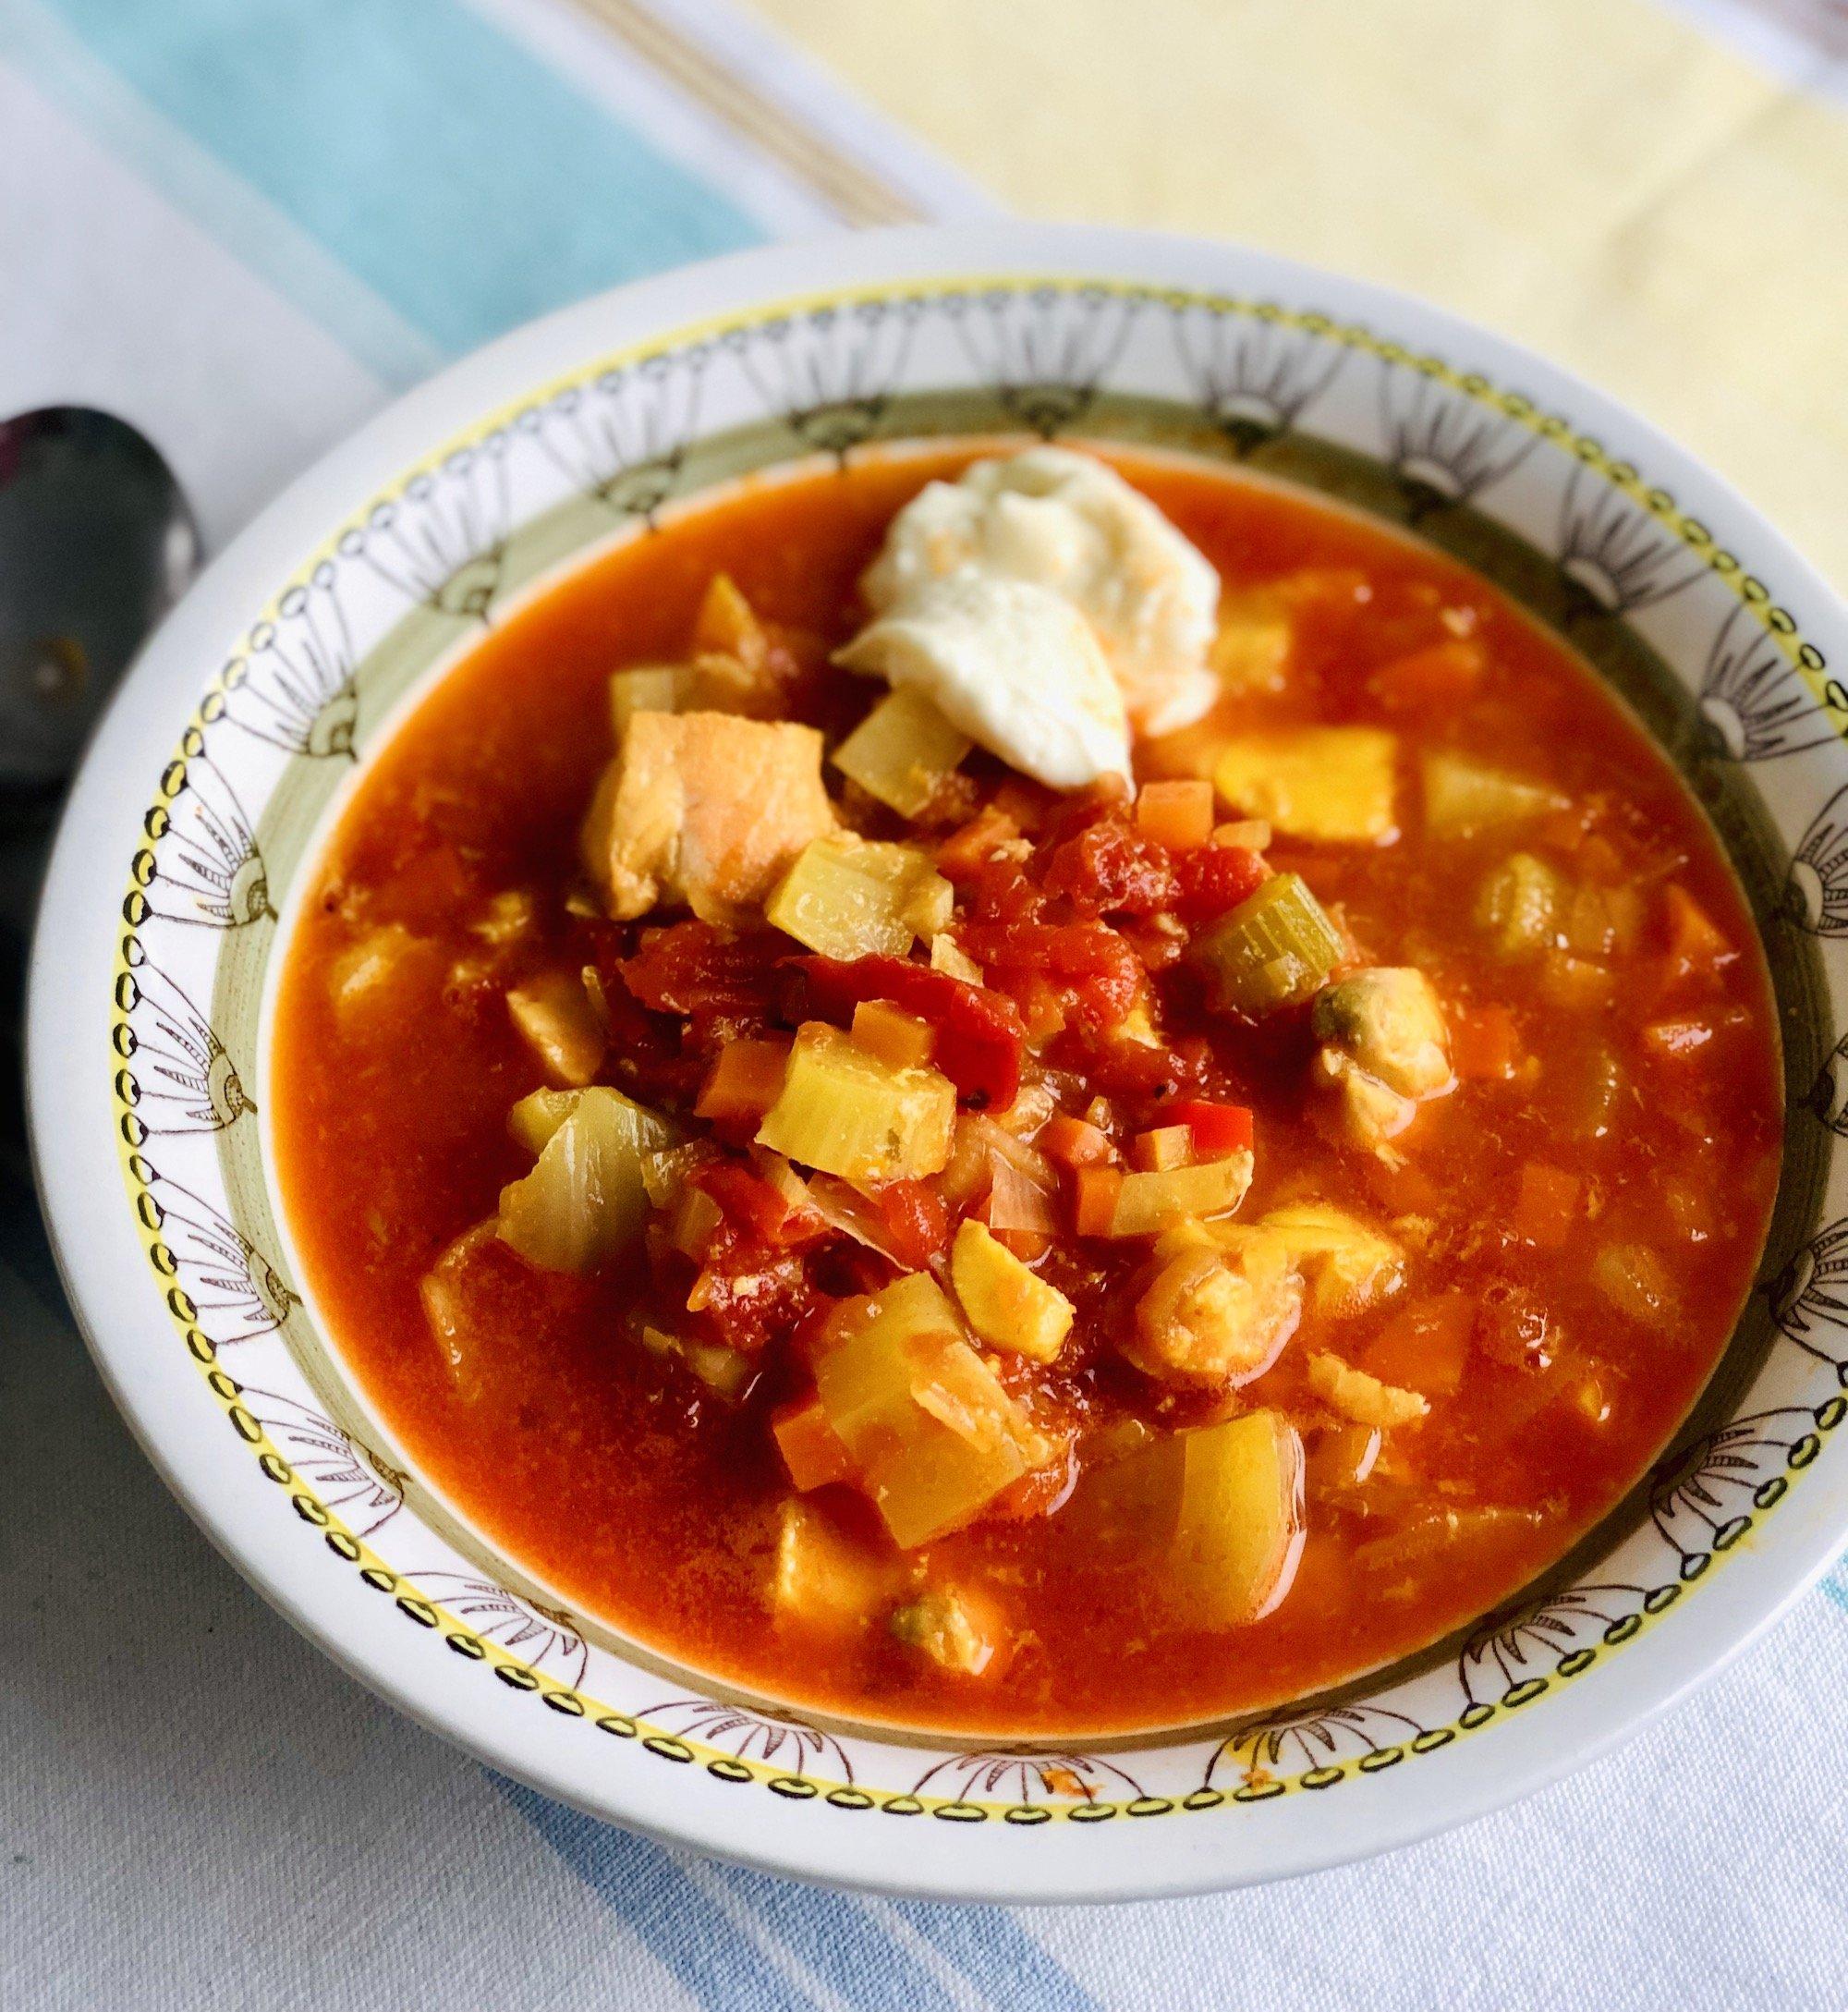 Min enkla fiskgryta gör du på 25 minuter och den smakar superbt av saffran, apelsin, vitt vin och tomat.